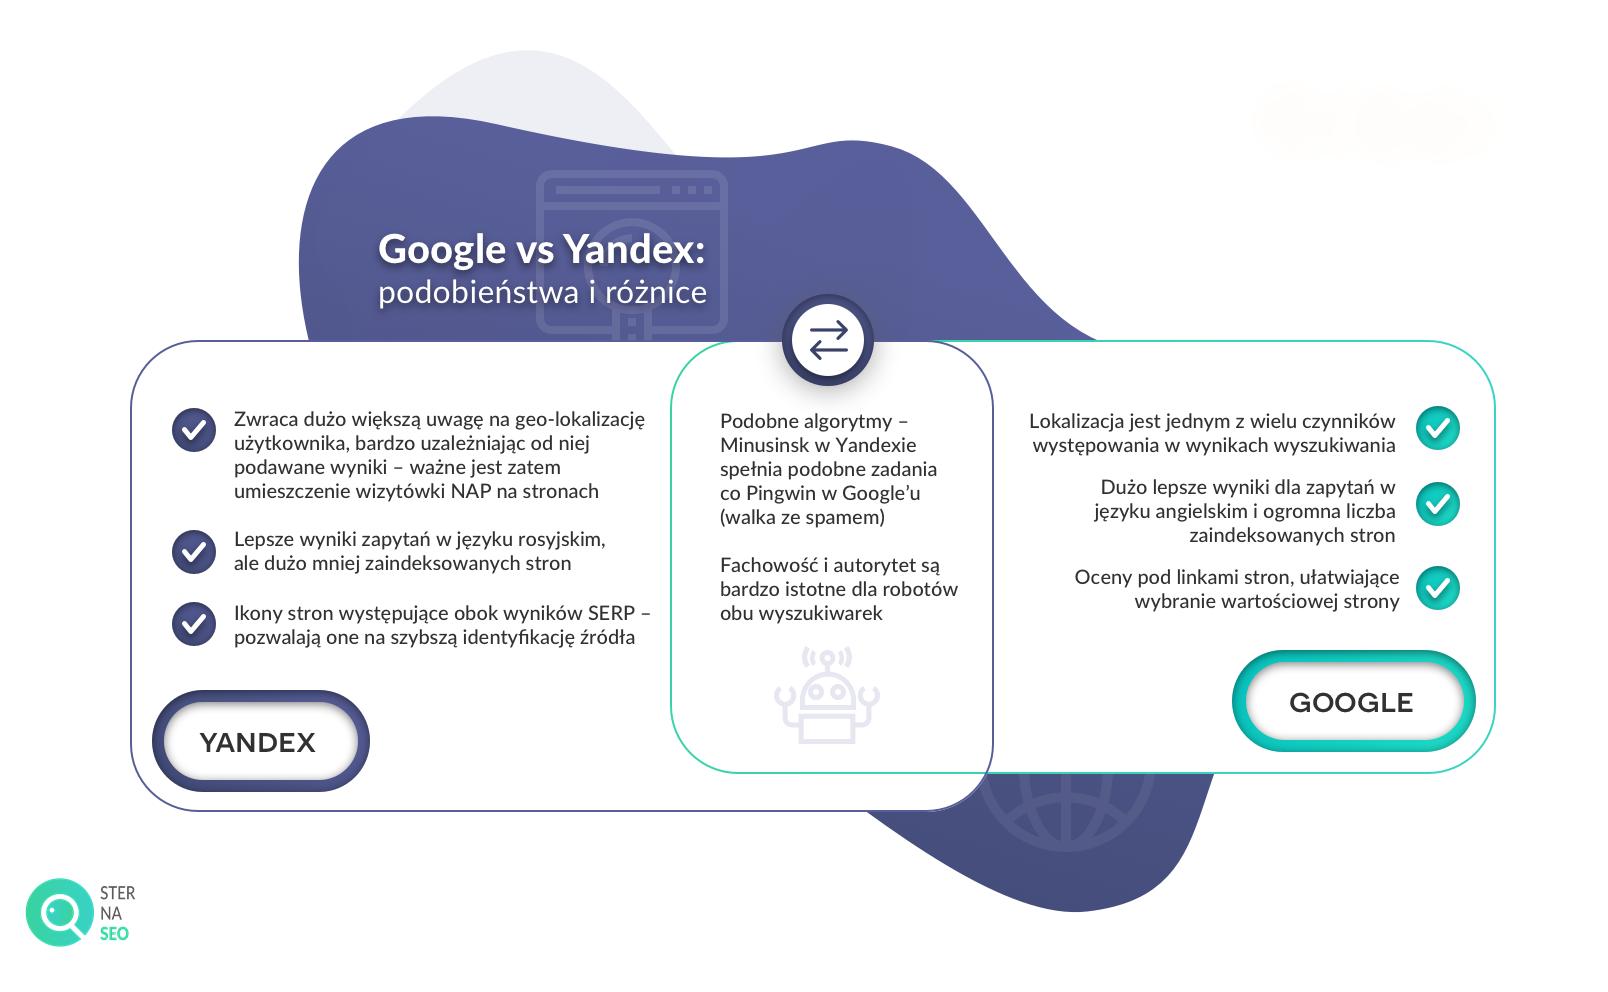 Google vs Yandex podobieństwa i różnice